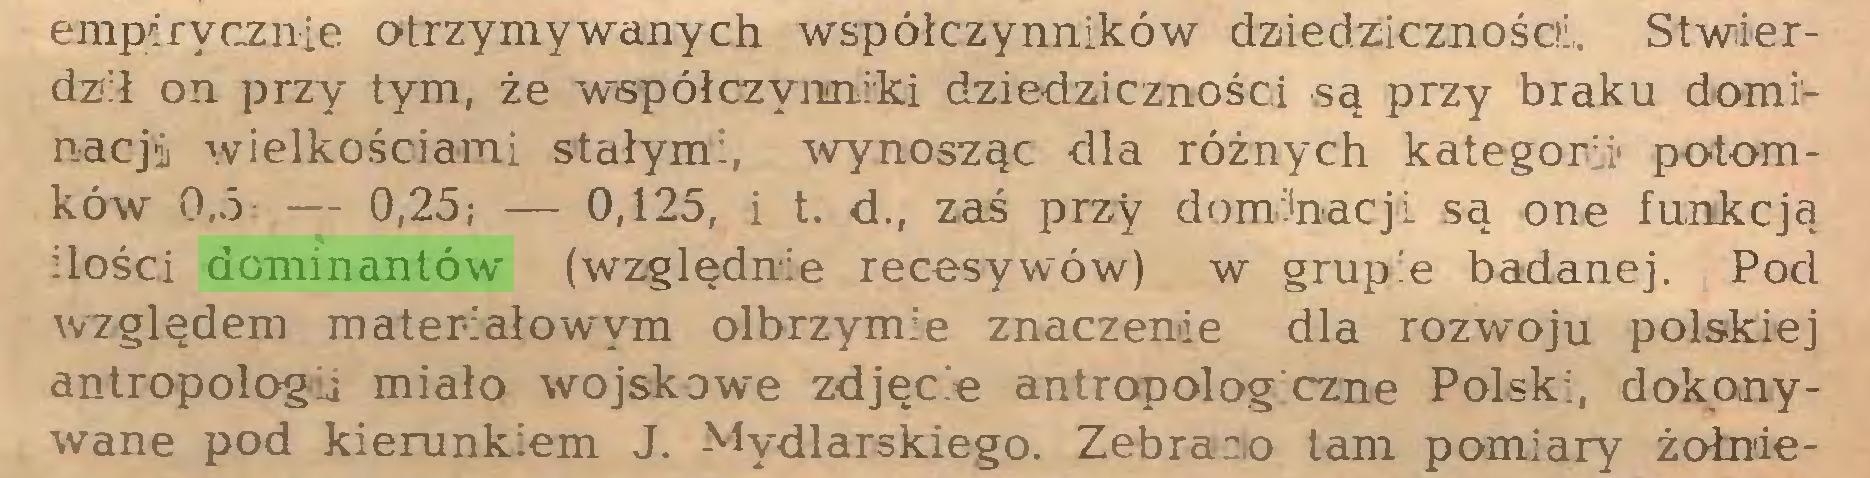 (...) empirycznie otrzymywanych współczynników dziedziczności. Stwierdził on przy tym, że współczynniki dziedziczności są przy braku dominacji wielkościami stałymi, wynosząc dla różnych kategorii1 potomków 0,5 — 0,25; — 0,125, i t. d., zaś przy dominacji są one funkcją ilości dominantów (względnie recesywów) w grupie badanej. Pod względem materiałowym olbrzymie znaczenie dla rozwoju polskiej antropologu miało wojskowe zdjęć e antropolog czne Polski, dokonywane pod kierunkiem J. Mydlarskiego. Zebrano tam pomiary żołnie...